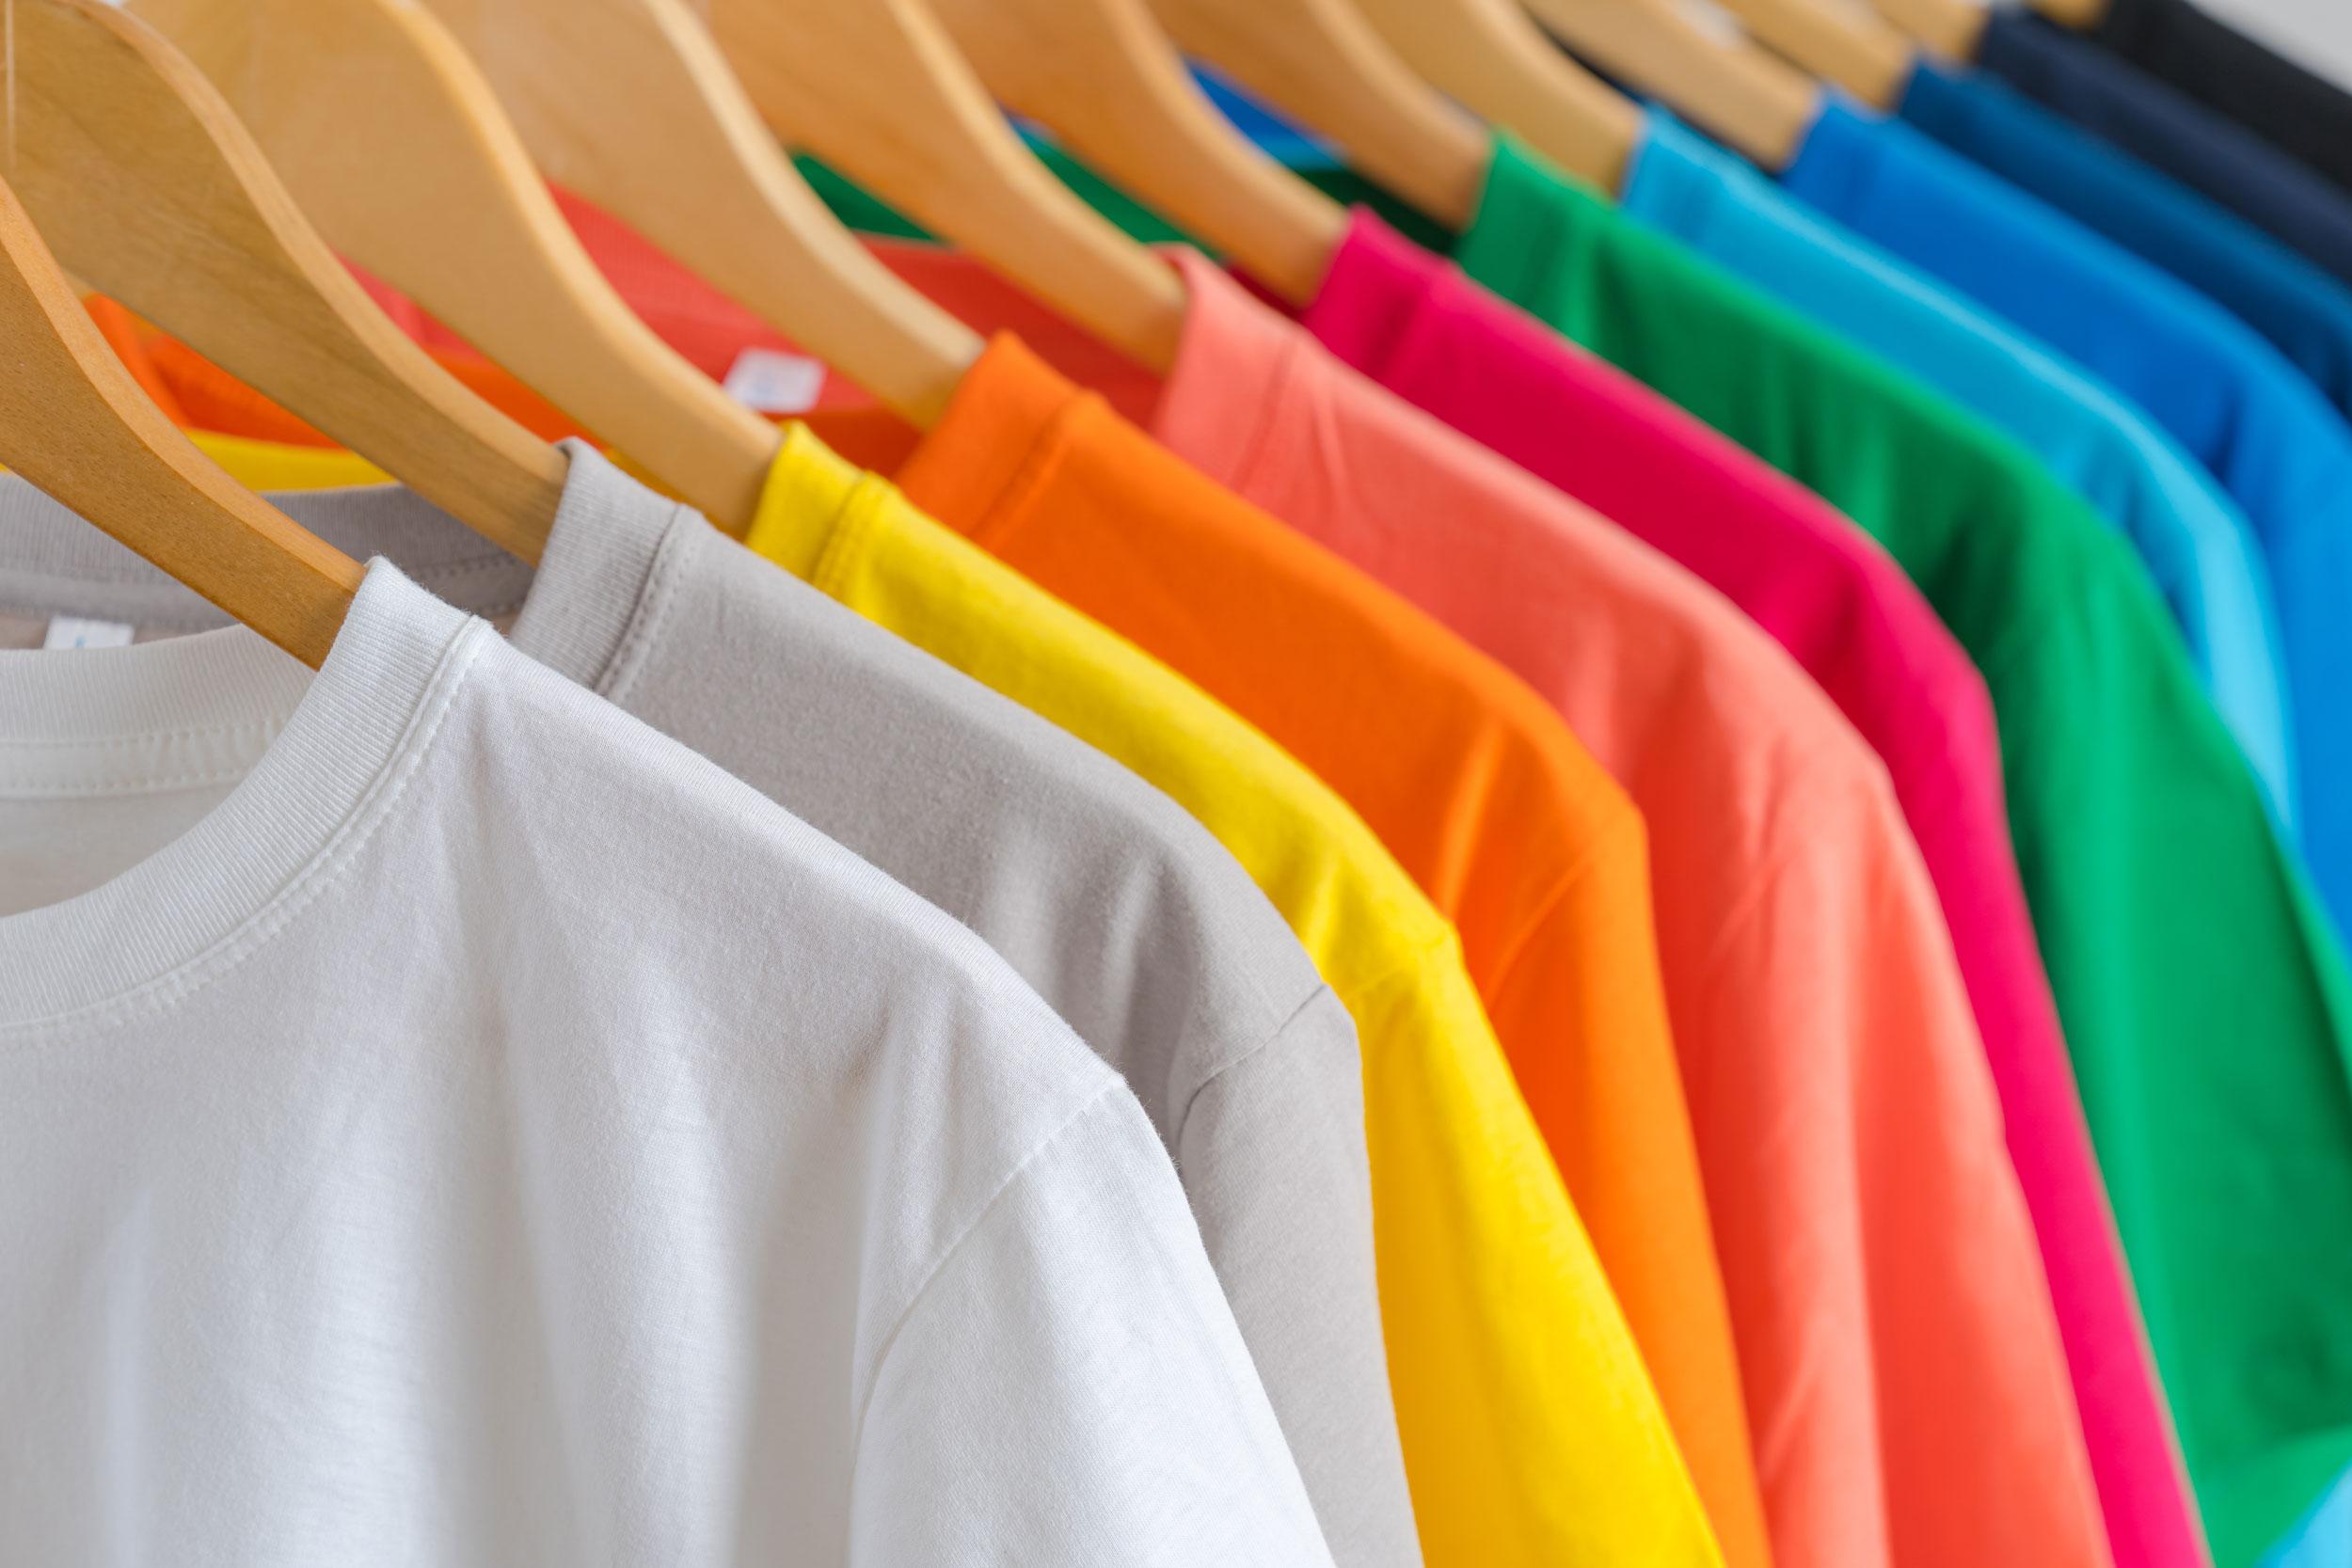 Tout ce qu'il faut savoir avant de commander des vêtements pour son entreprise